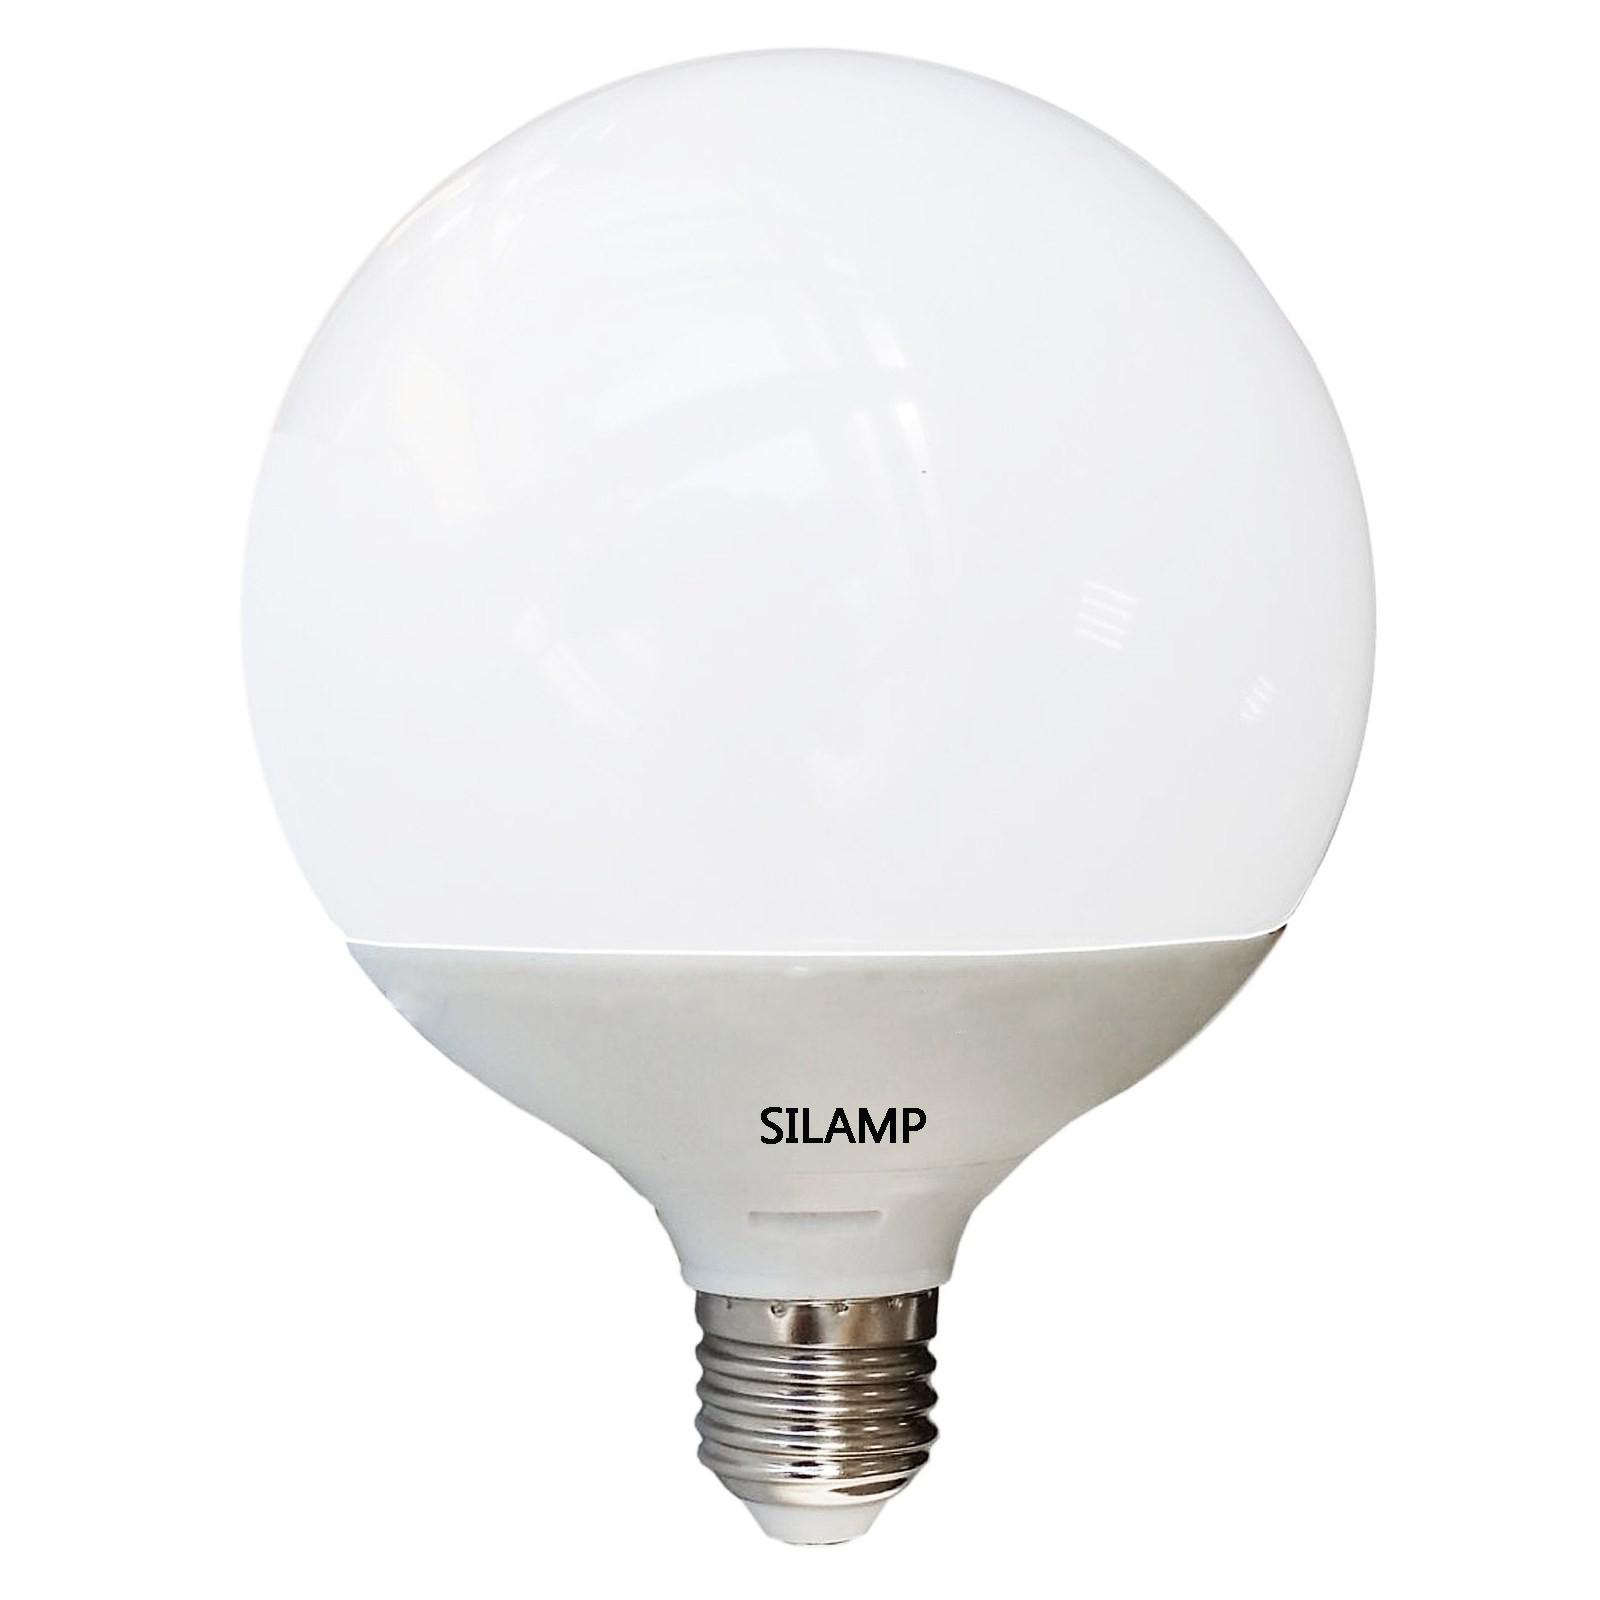 G95 12w offerte lampadine led silamp lampadina a for Lampadine led e27 prezzi